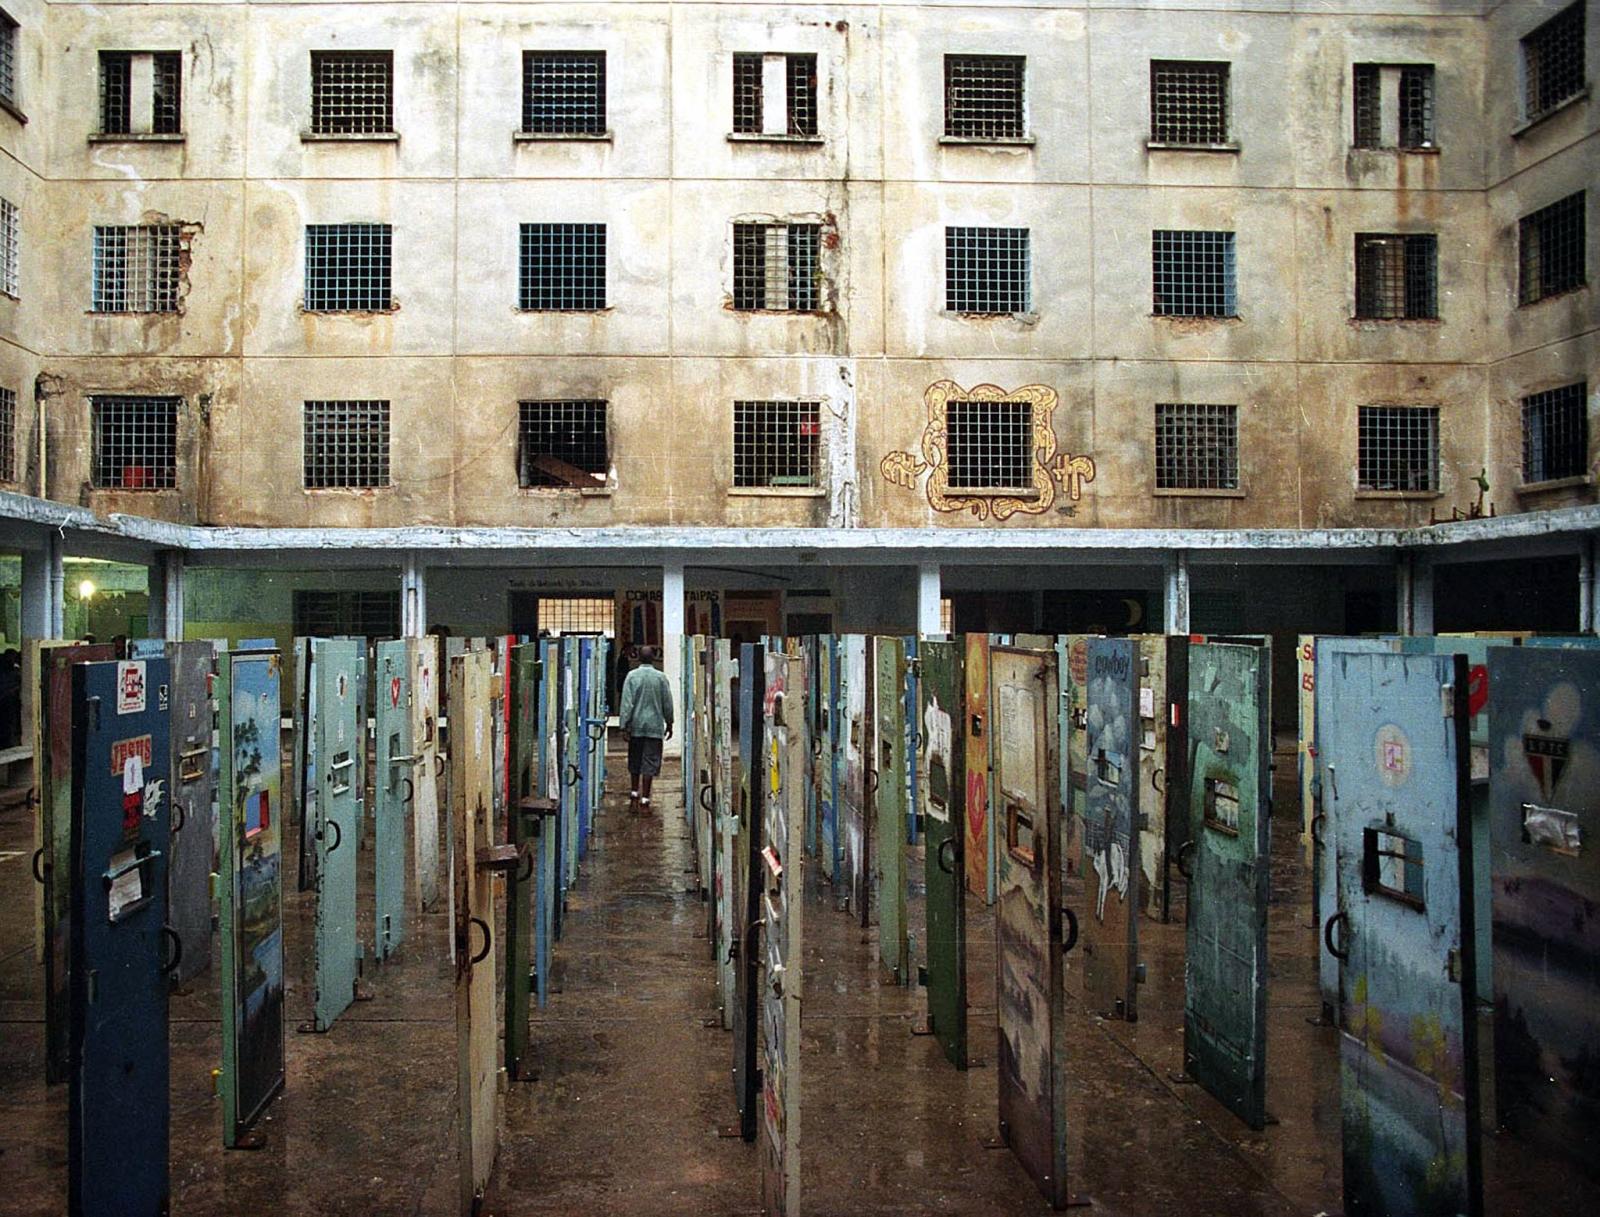 Carandiru prison